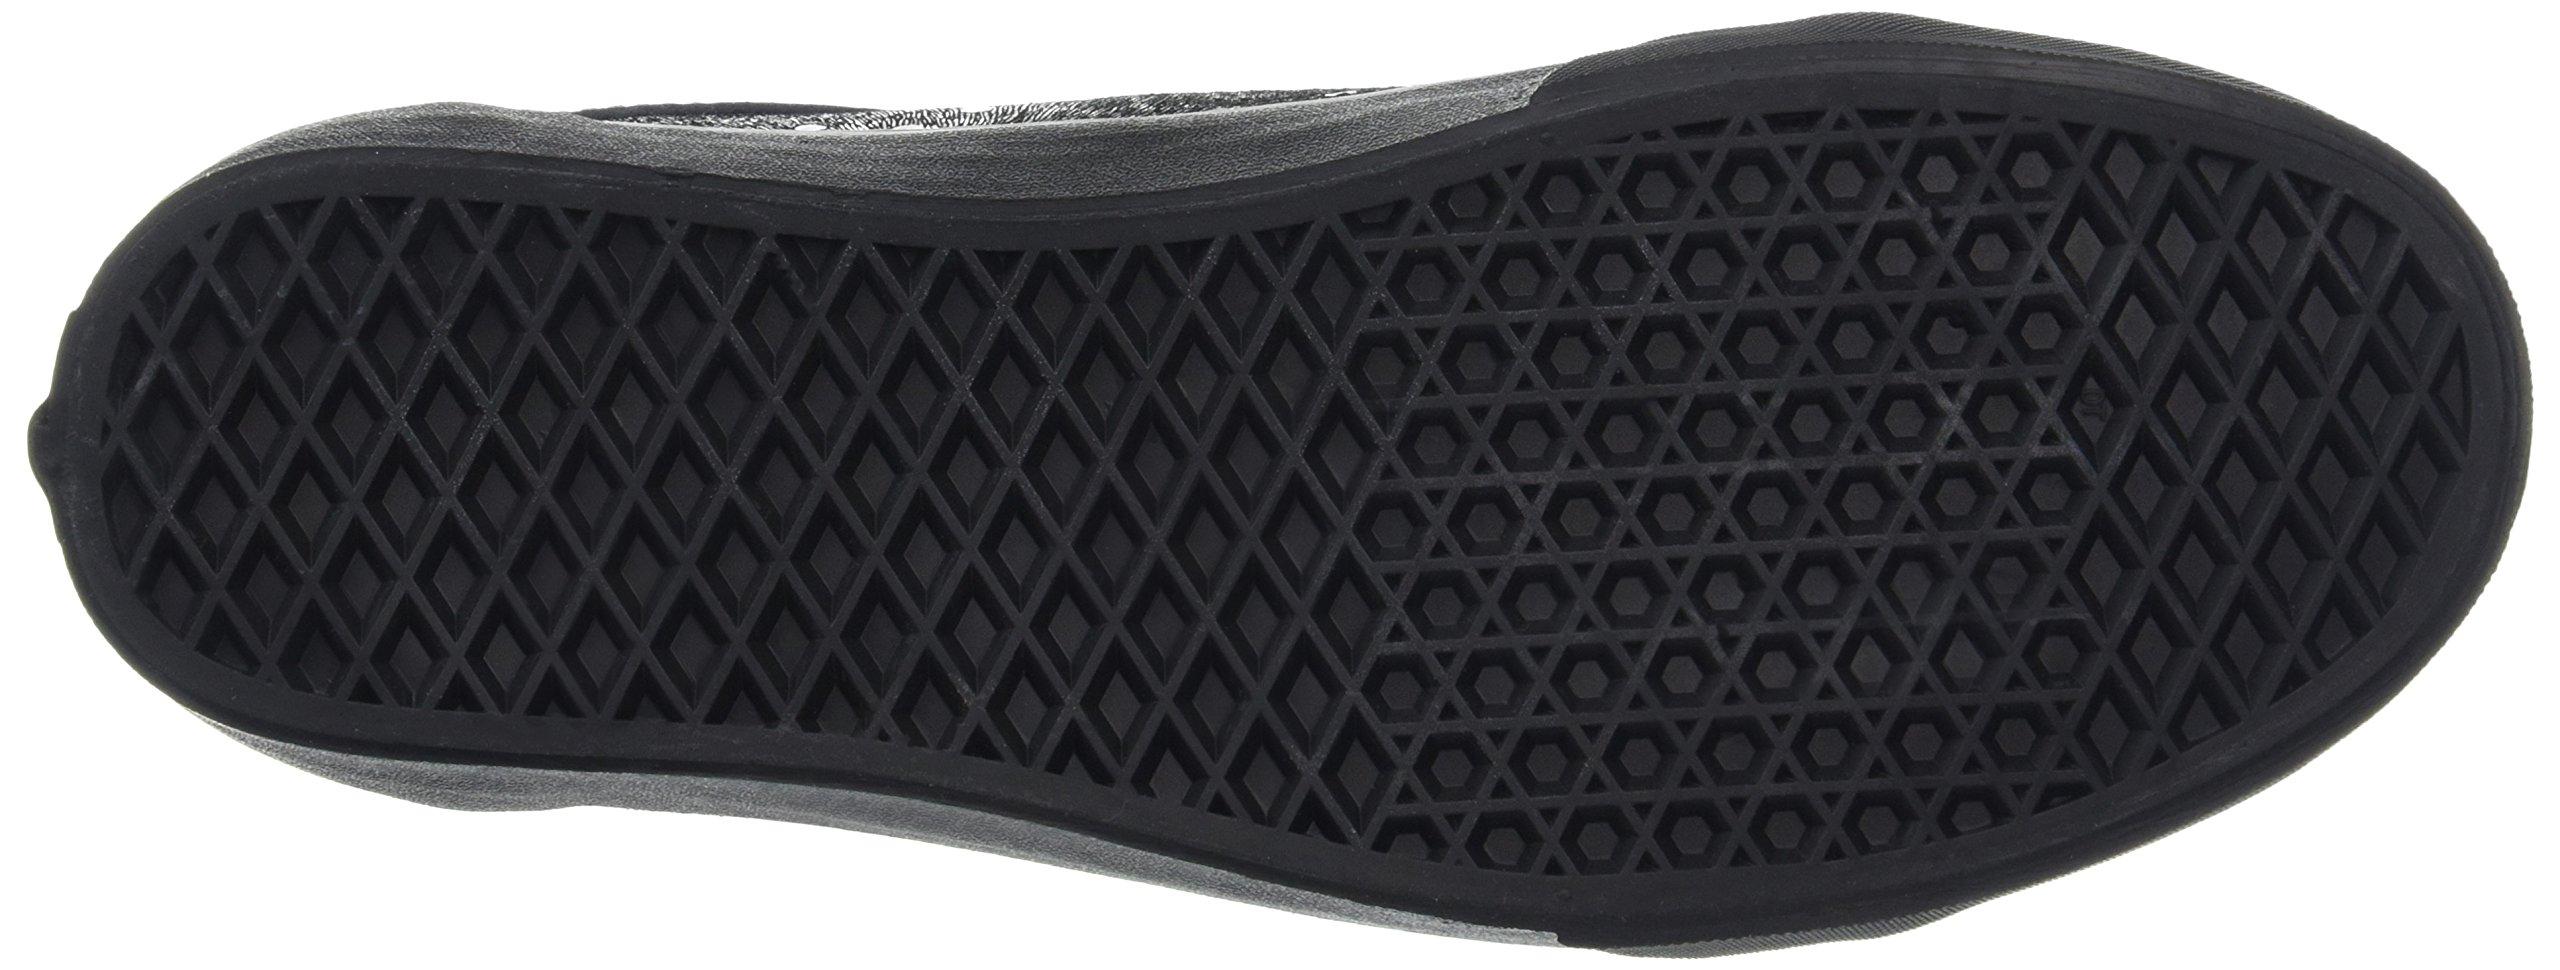 Vans Unisex Old Skool Skate Sneakers (8) by Vans (Image #3)